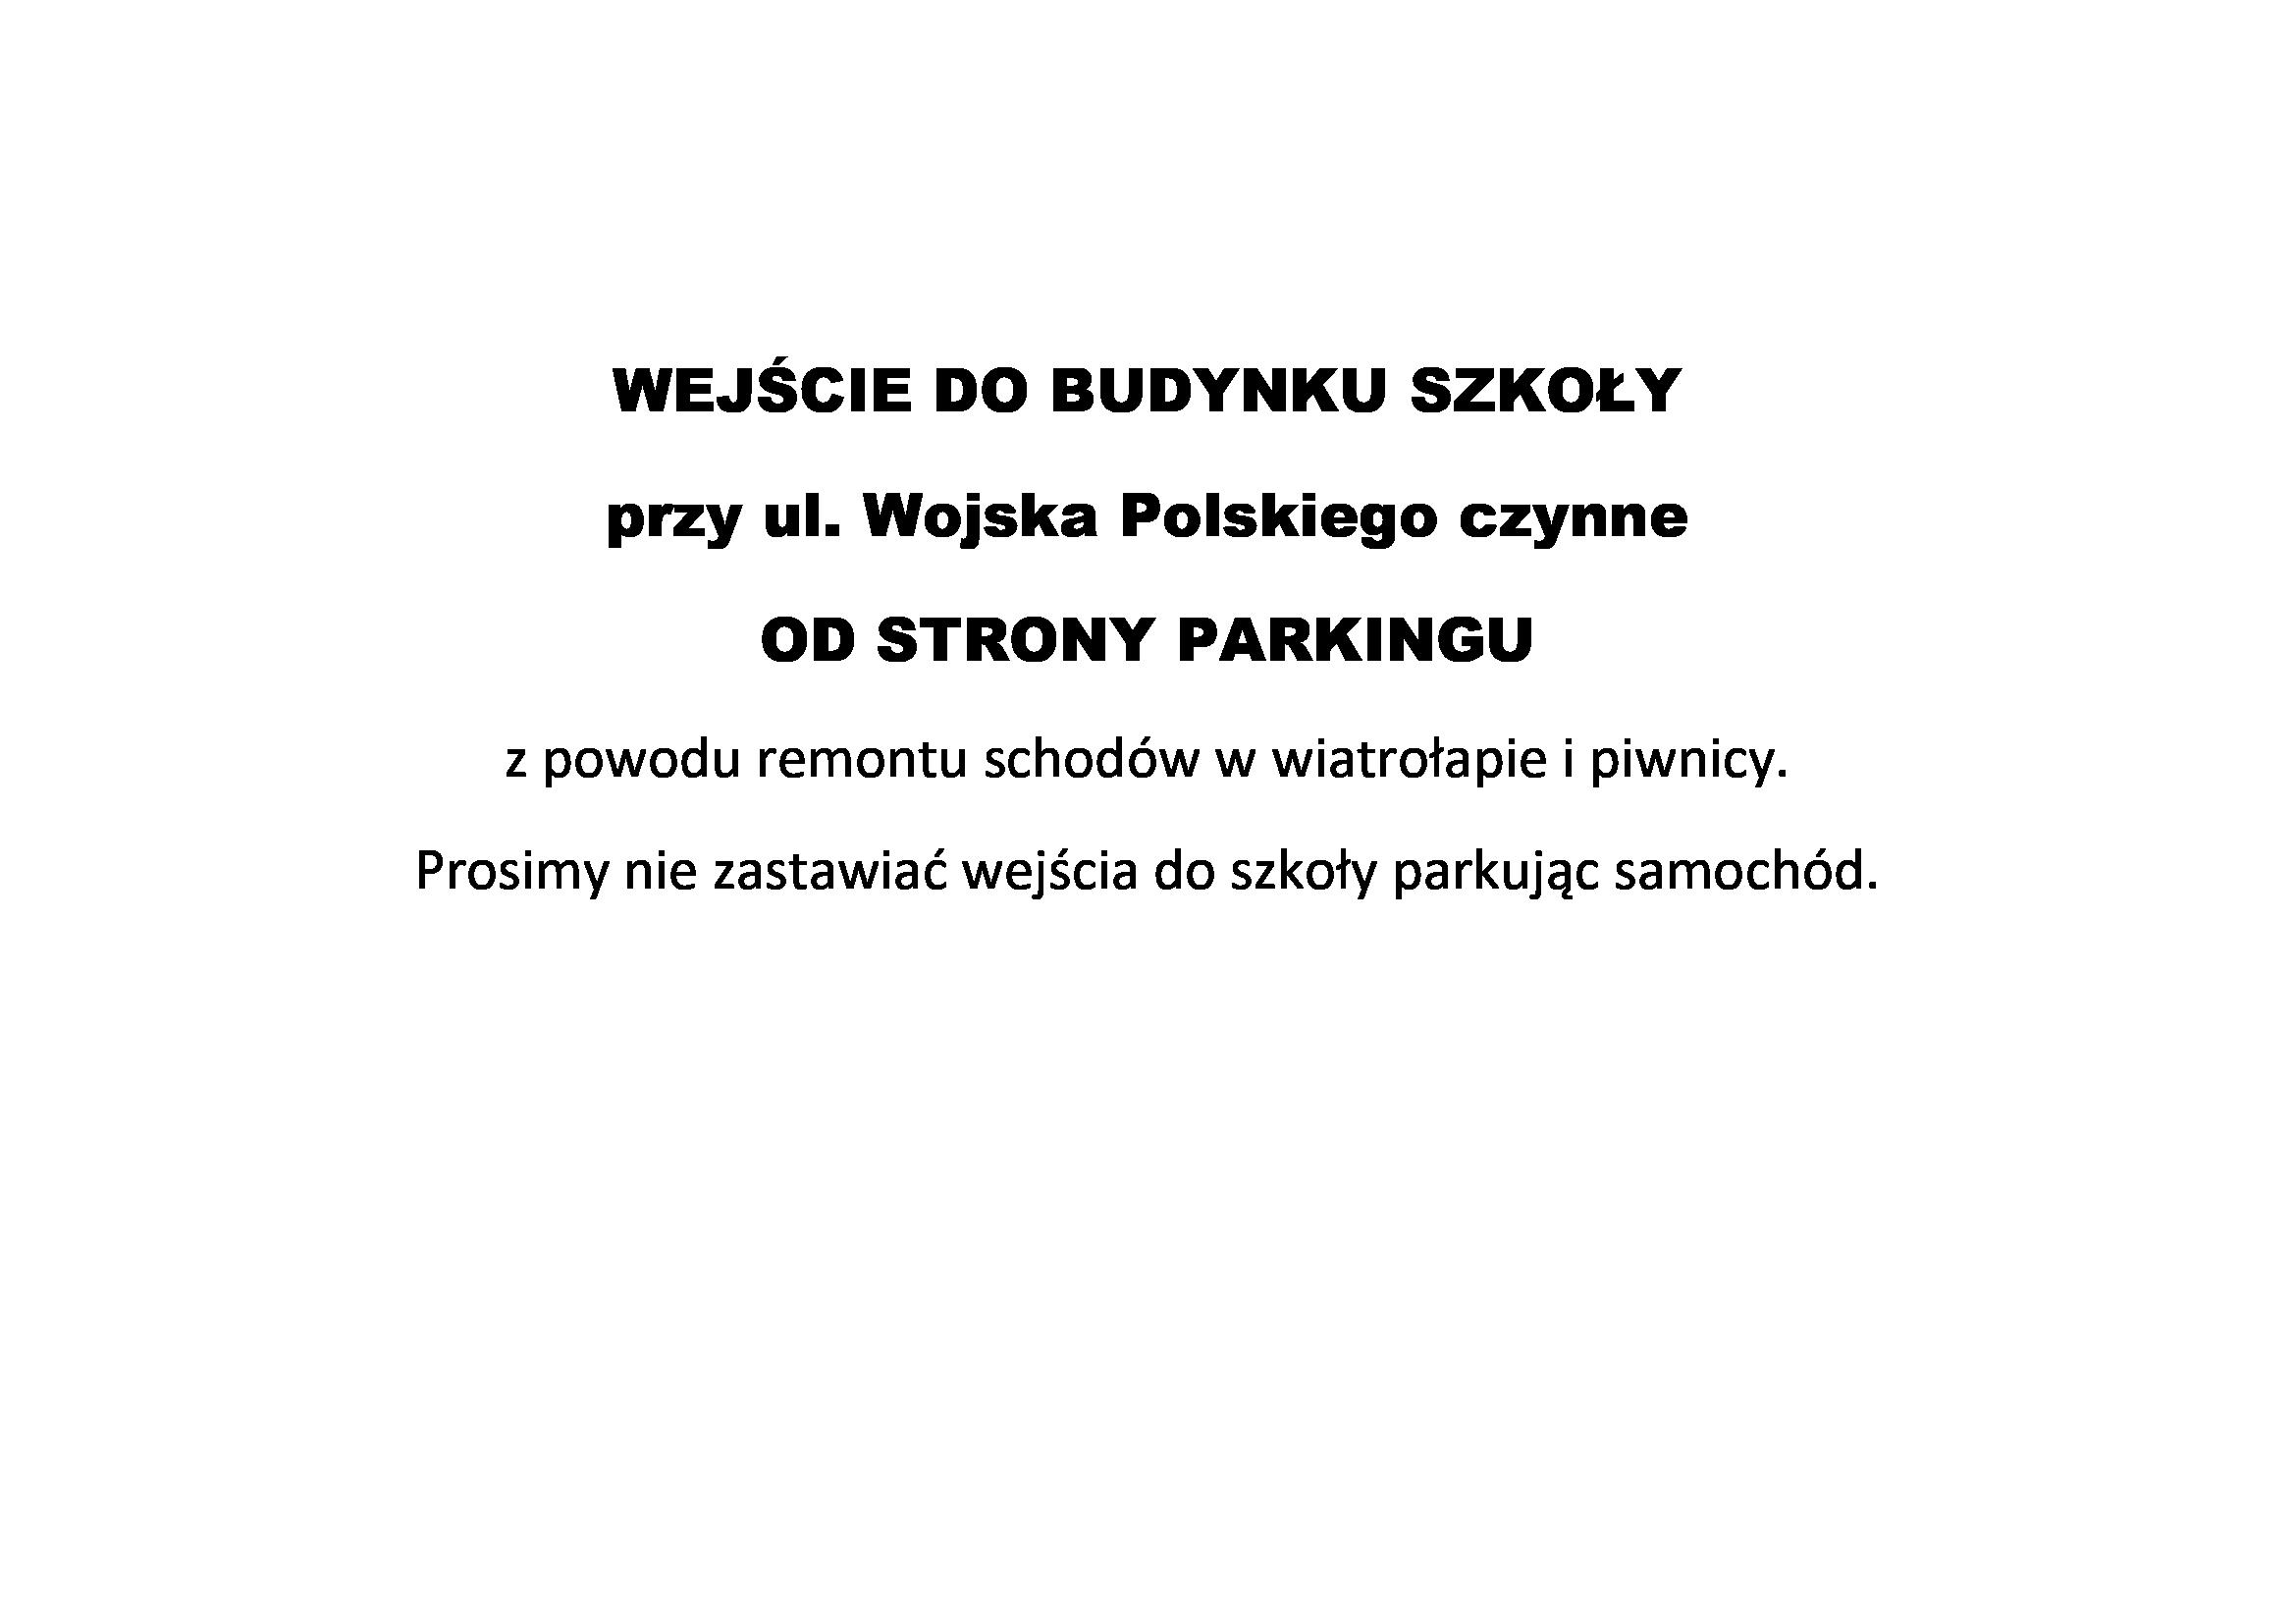 UWAGA! Zmiana wejścia do budynku szkoły przy ul. Wojska Polskiego do czasu zak